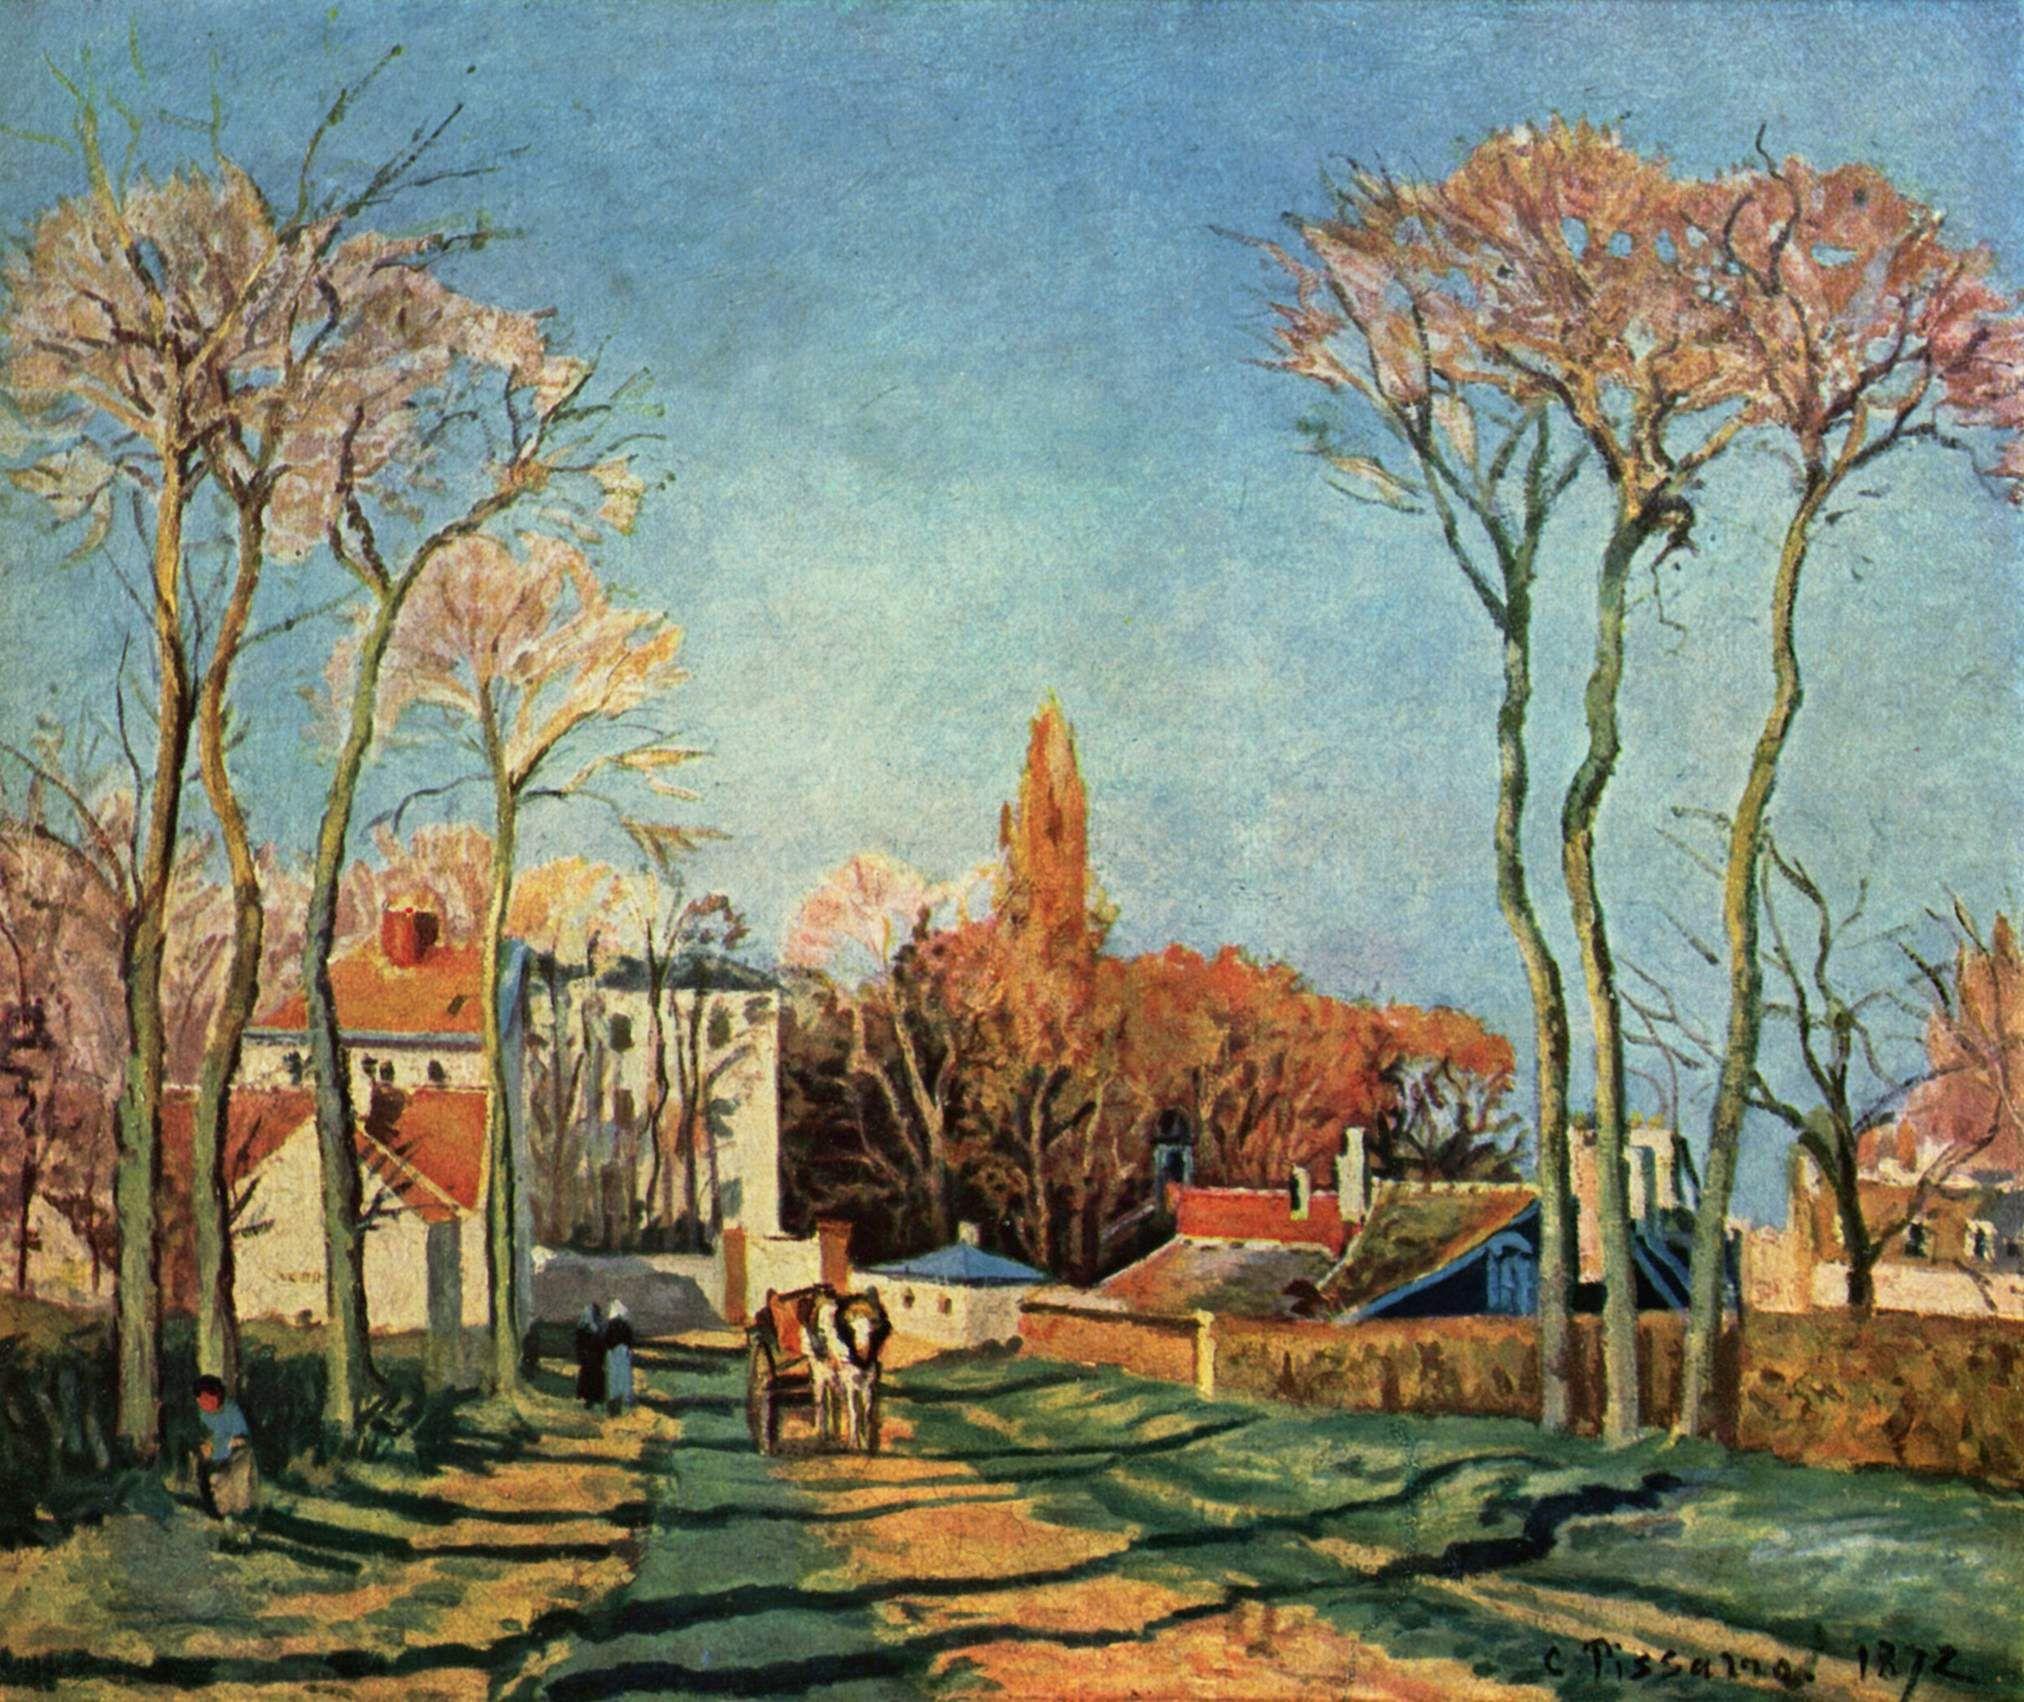 Camille Pissarro, Entrata del villaggio di Voisins, olio su tela, 1872.